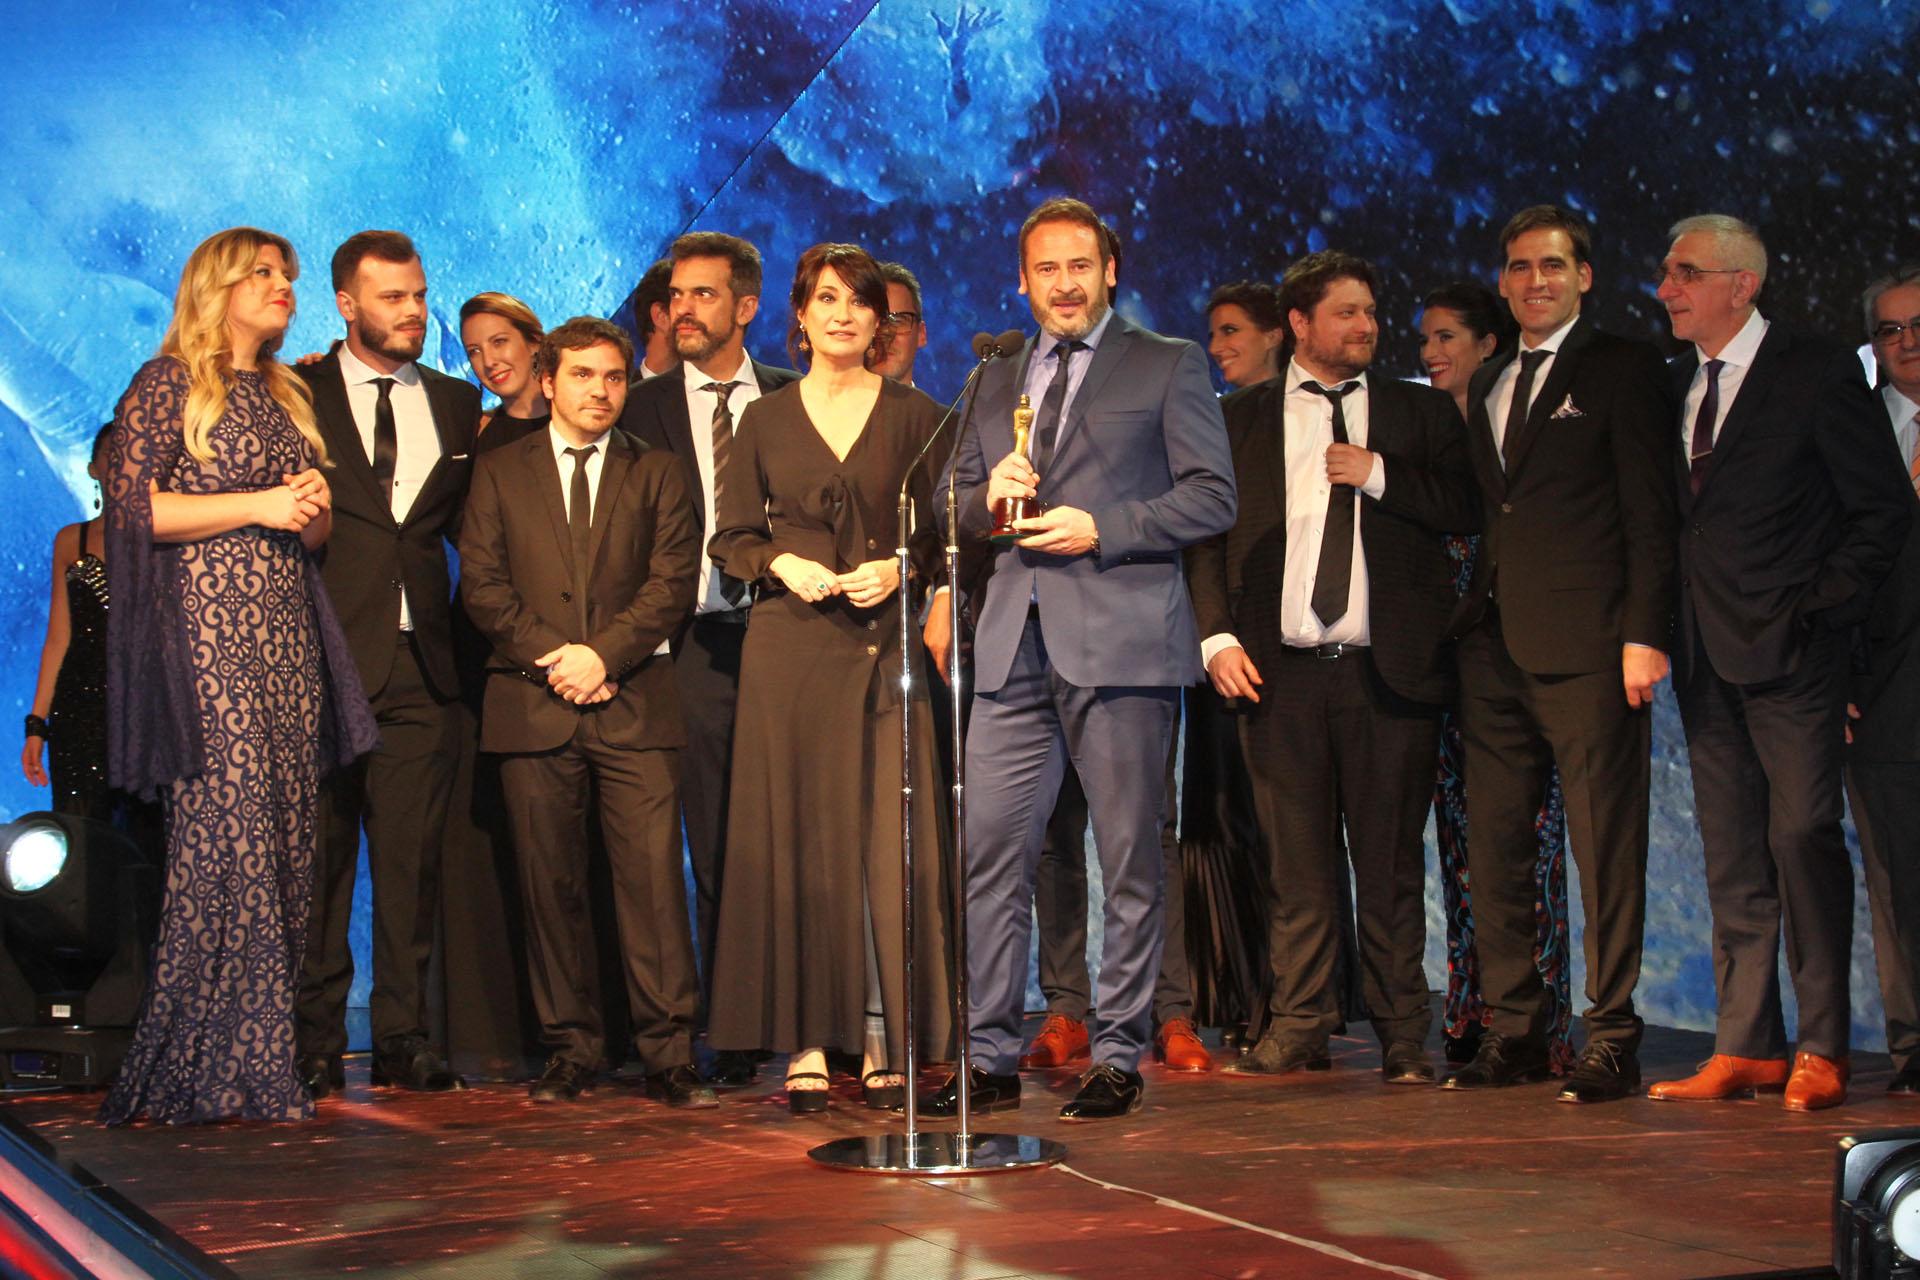 El equipo de Telenoche celebra el premio Martín Fierro al Mejor Noticiero